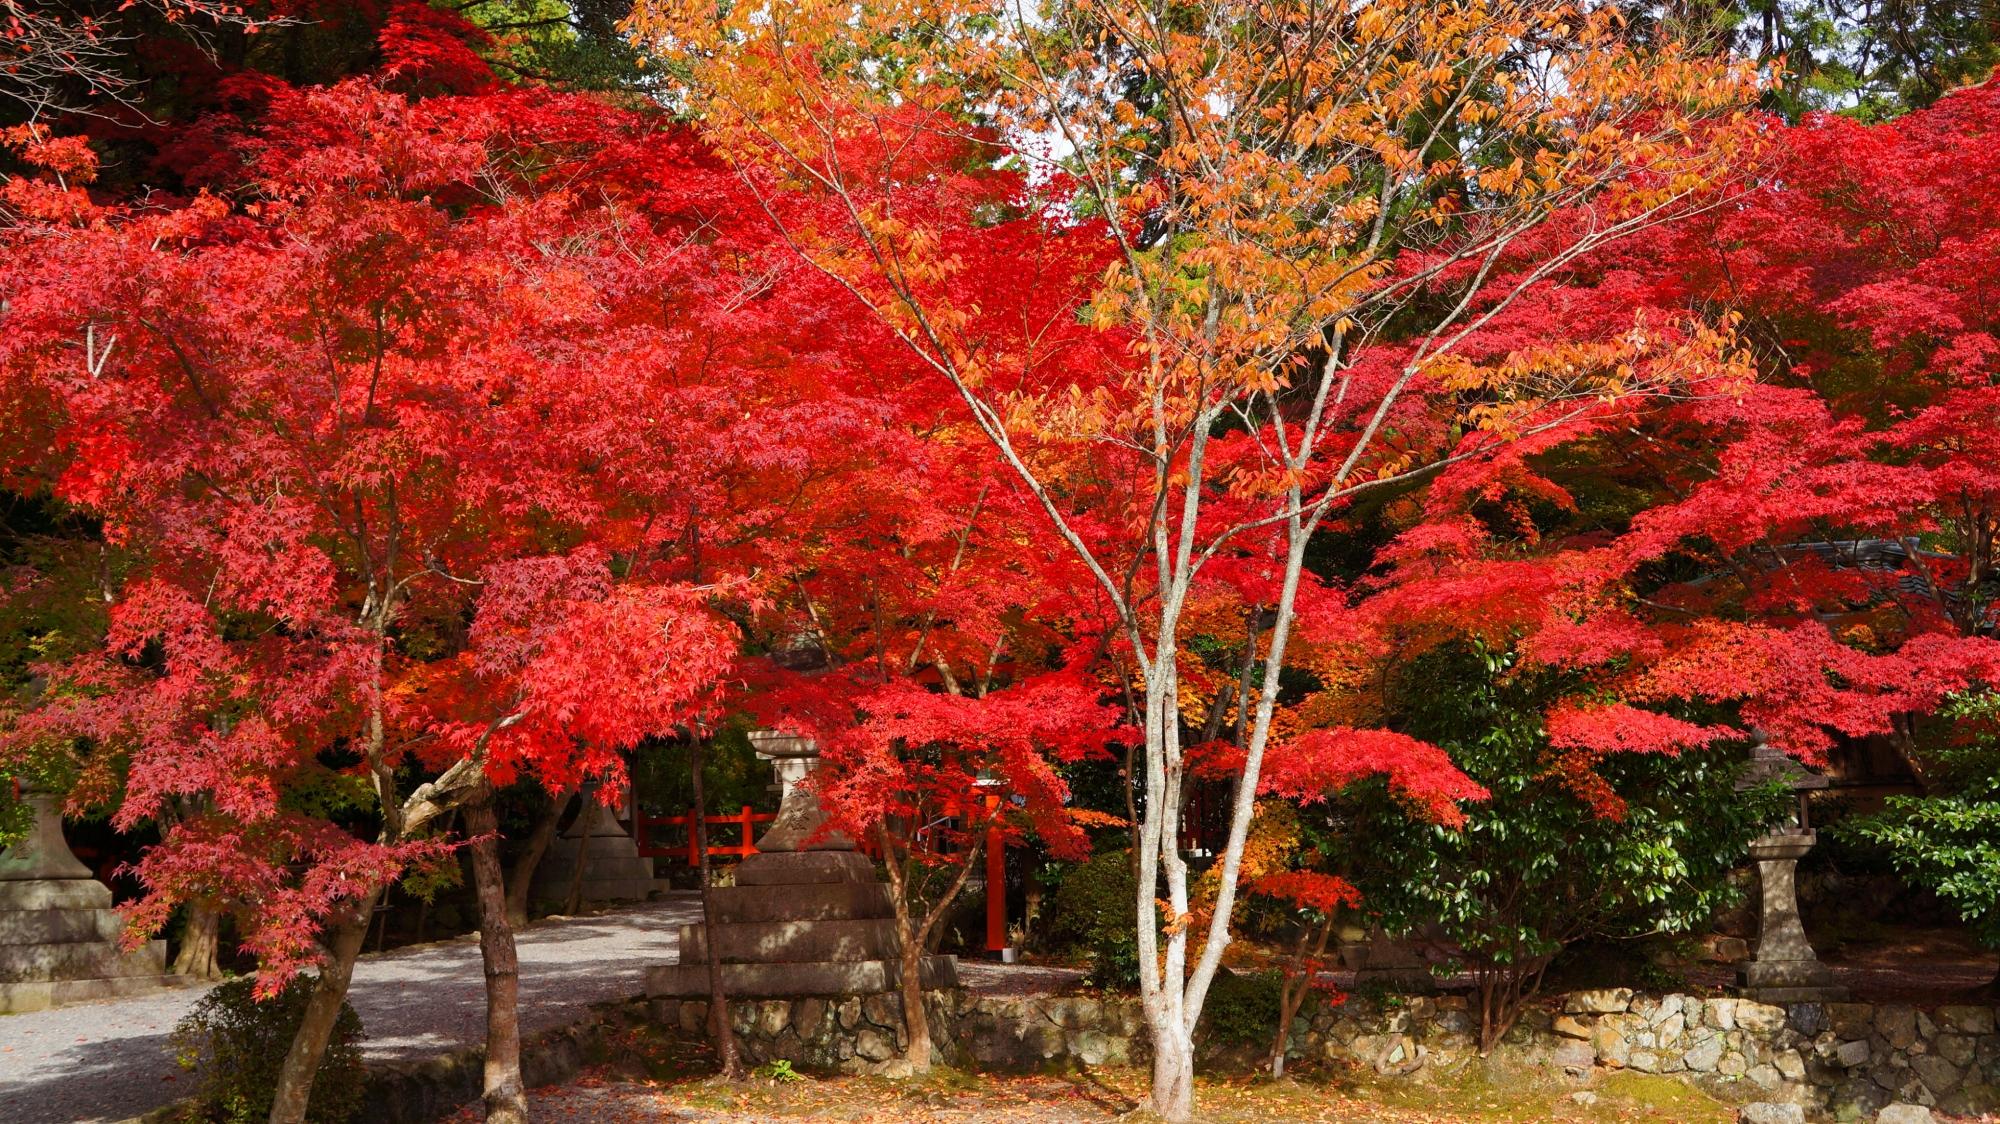 溢れる鮮やかに色づいた紅葉と豪快な秋の彩り